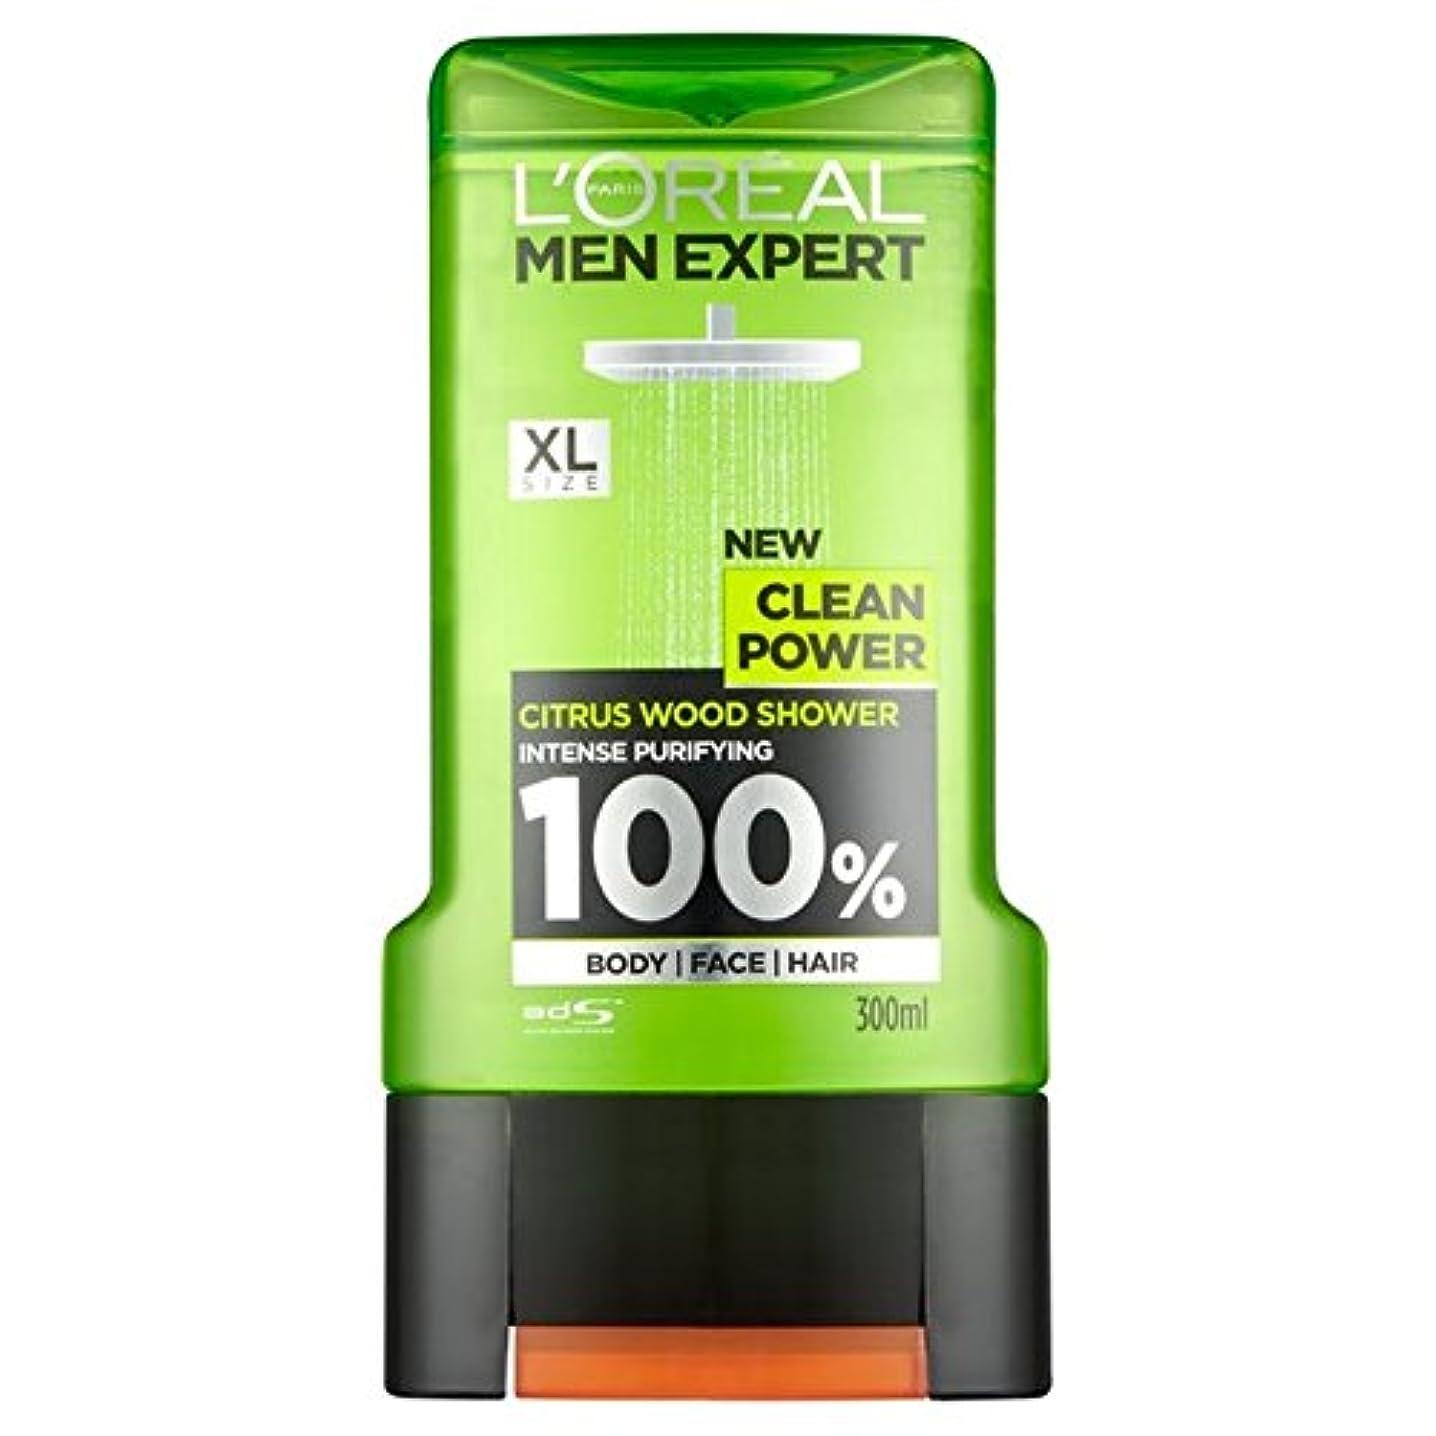 ハウジング農業雄弁家ロレアルパリの男性の専門家クリーンパワーシャワージェル300ミリリットル x4 - L'Oreal Paris Men Expert Clean Power Shower Gel 300ml (Pack of 4) [並行輸入品]